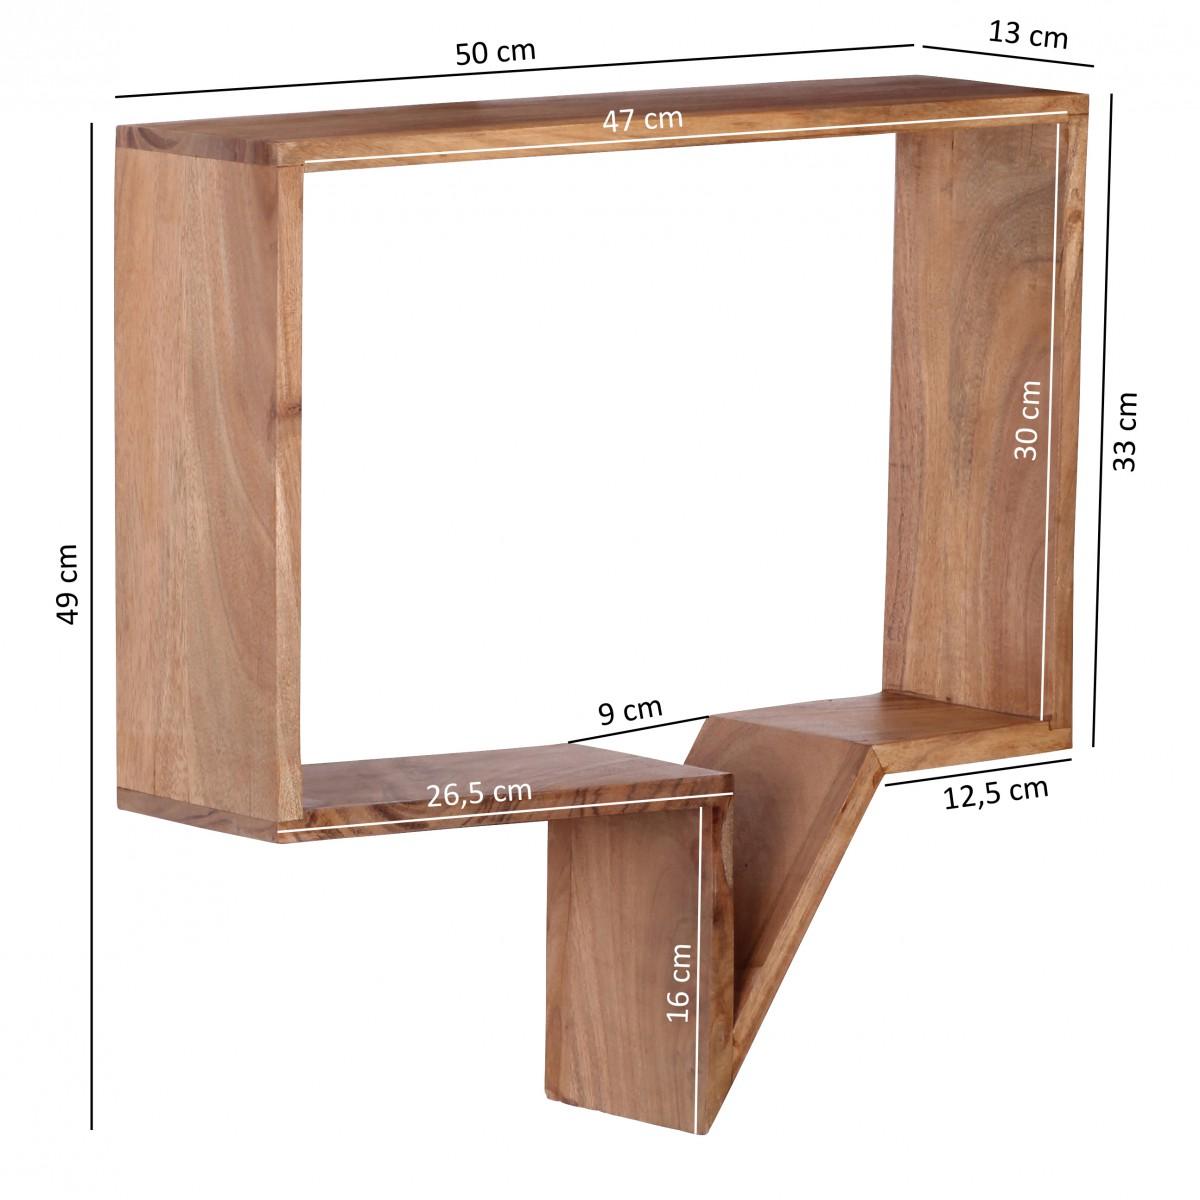 wohnling 2er set wandregale massivholz akazie regal wand. Black Bedroom Furniture Sets. Home Design Ideas